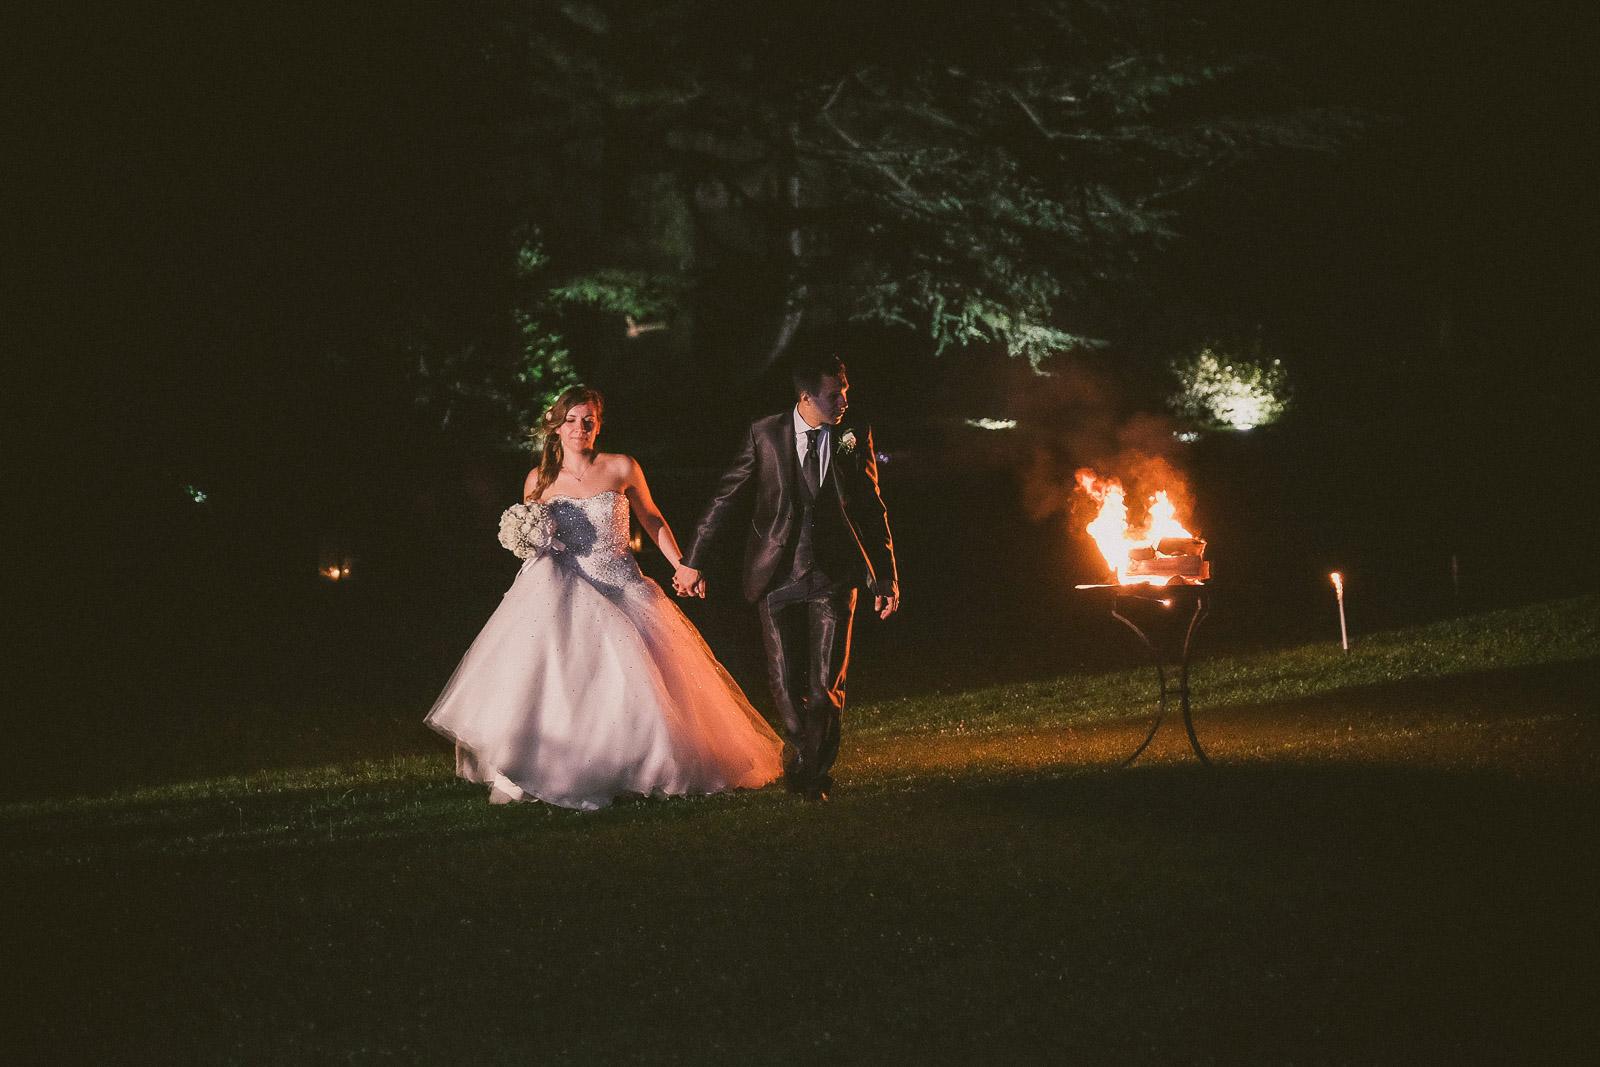 matrimonio villa acquaroli bergamo, Sara e Antonio